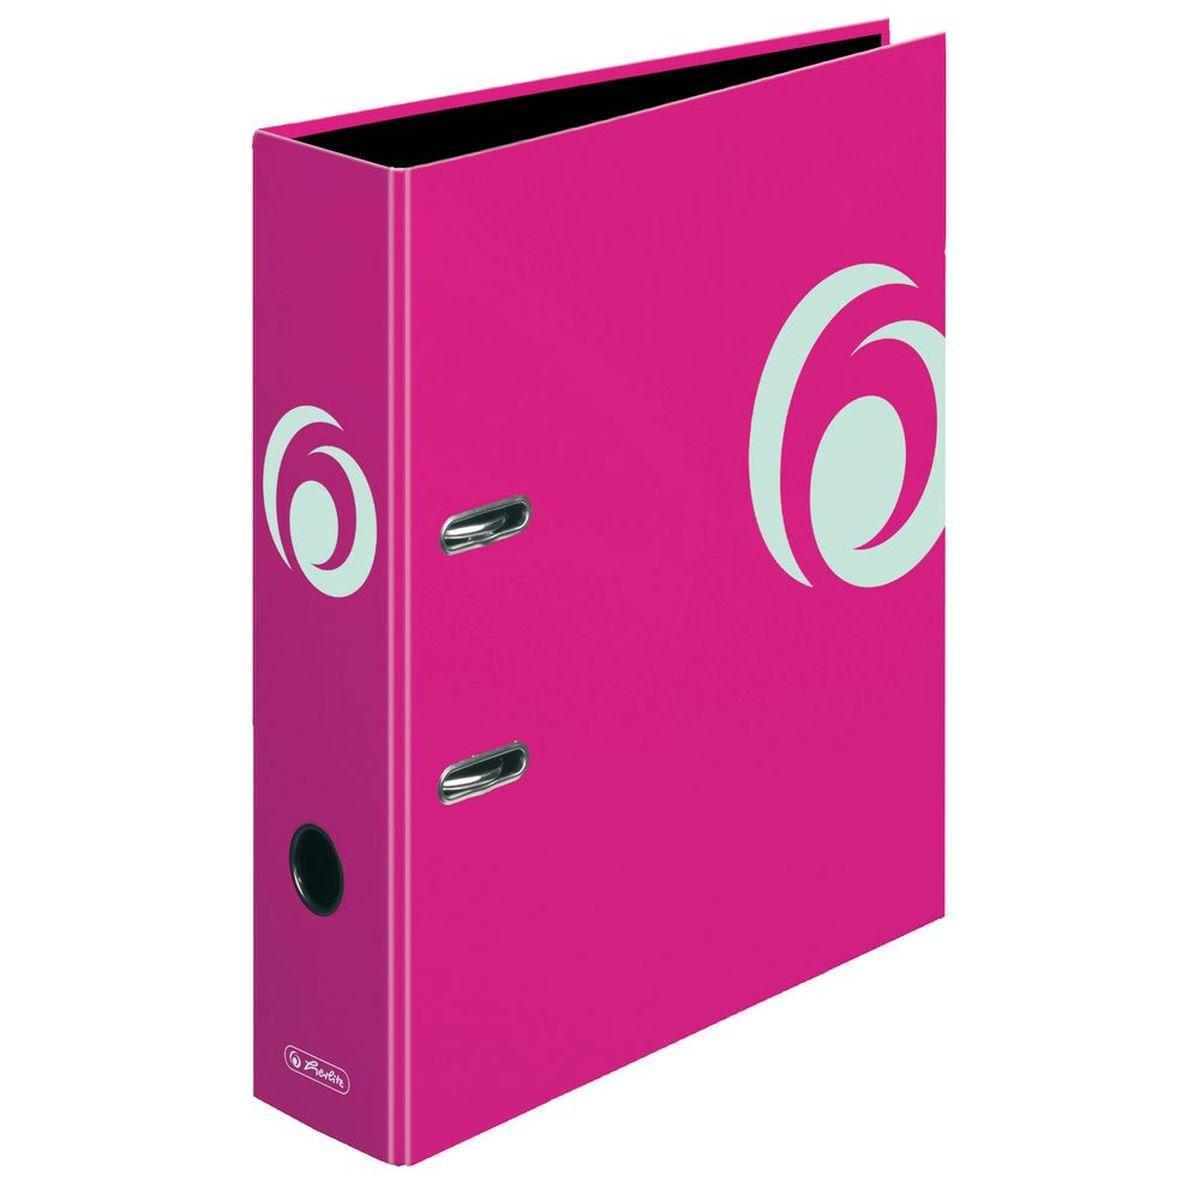 Herlitz Папка-регистратор MaX.file цвет розовыйFS-36054Практичная папка-регистратор Herlitz maX.file предназначена для хранения больших объемов документов. Ее обложка выполнена из ламинированного картона, с отделкой выборочным лаком. Папка оснащена прочным арочным механизмом улучшенного высокого качества с увеличенной прижимной силой. Основа папки изготовлена из прочного FSC-сертифицированного картона.Папка-регистратор значительно облегчает делопроизводство. Яркий розовый дизайн позволит ей стать достойным аксессуаром среди ваших канцелярских принадлежностей.